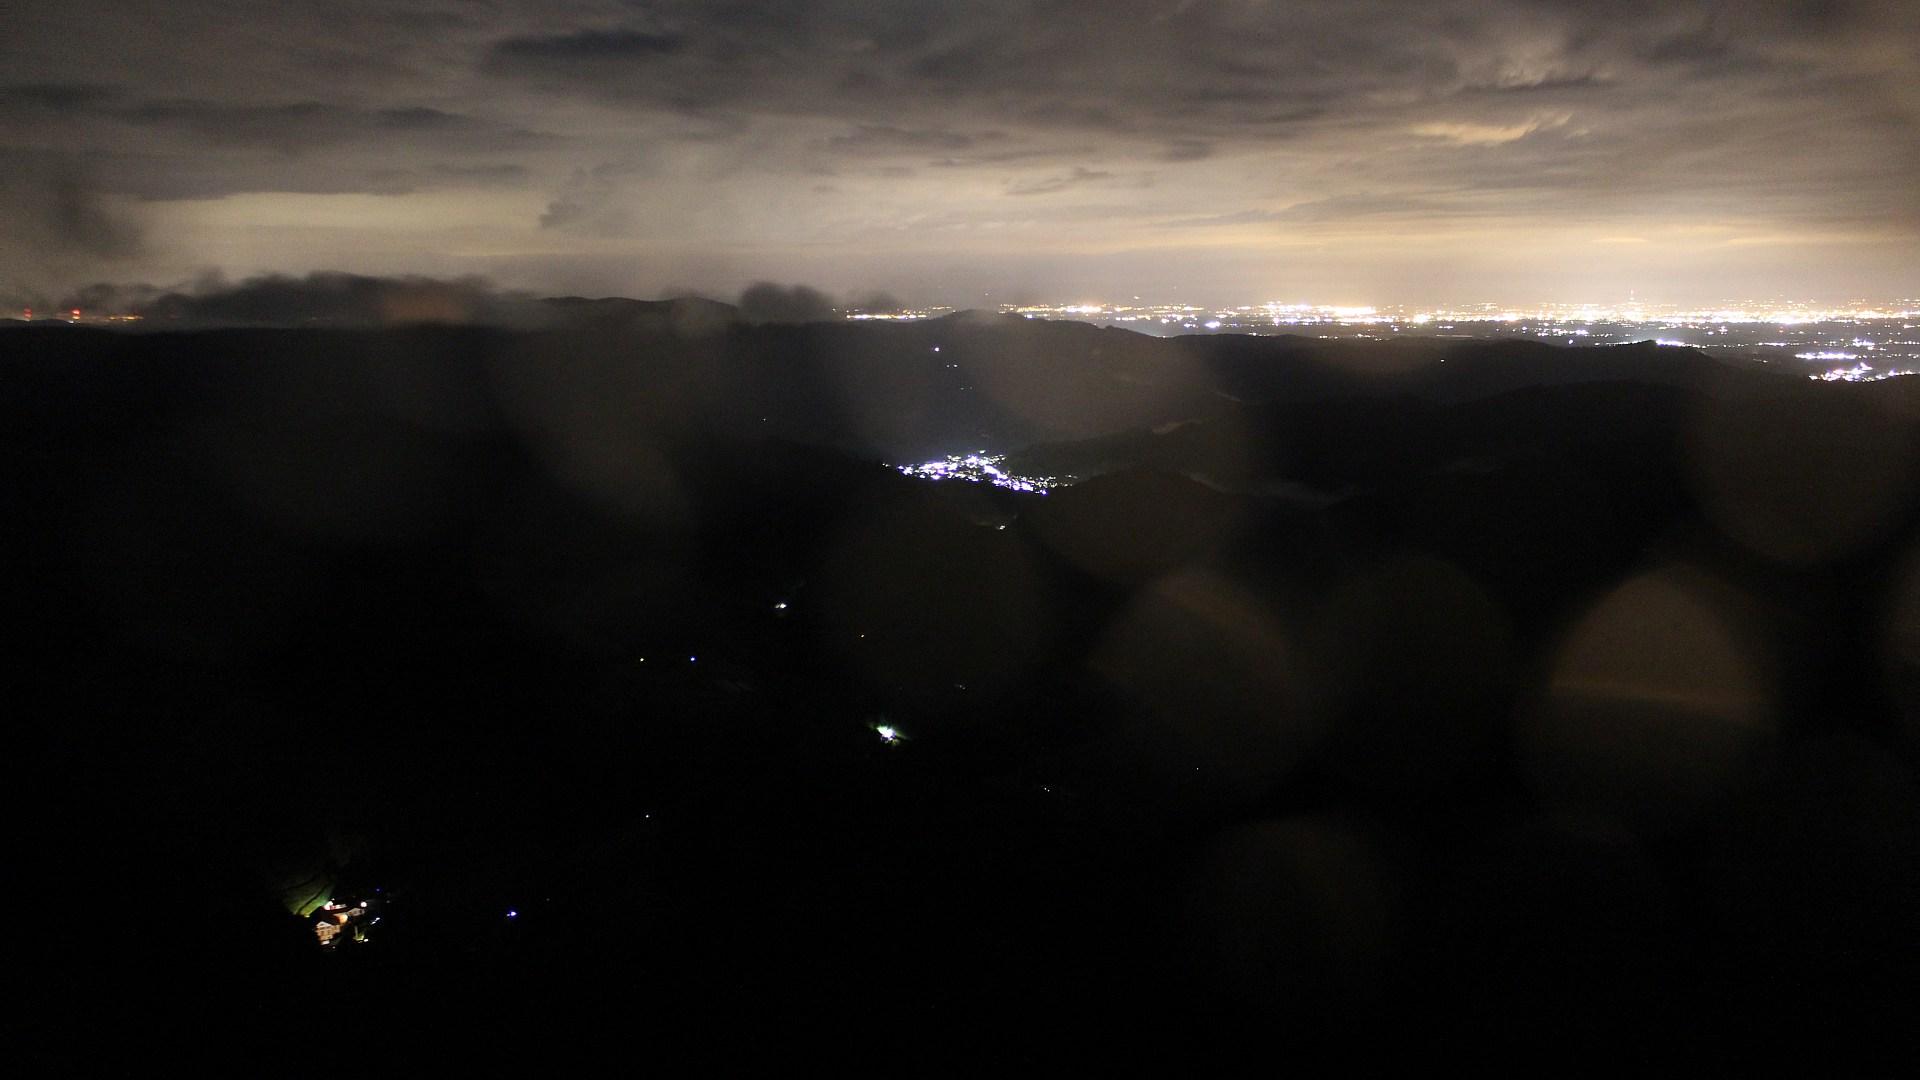 Aufnahme: Buchkopfturm vom 02.08.2021 00:30